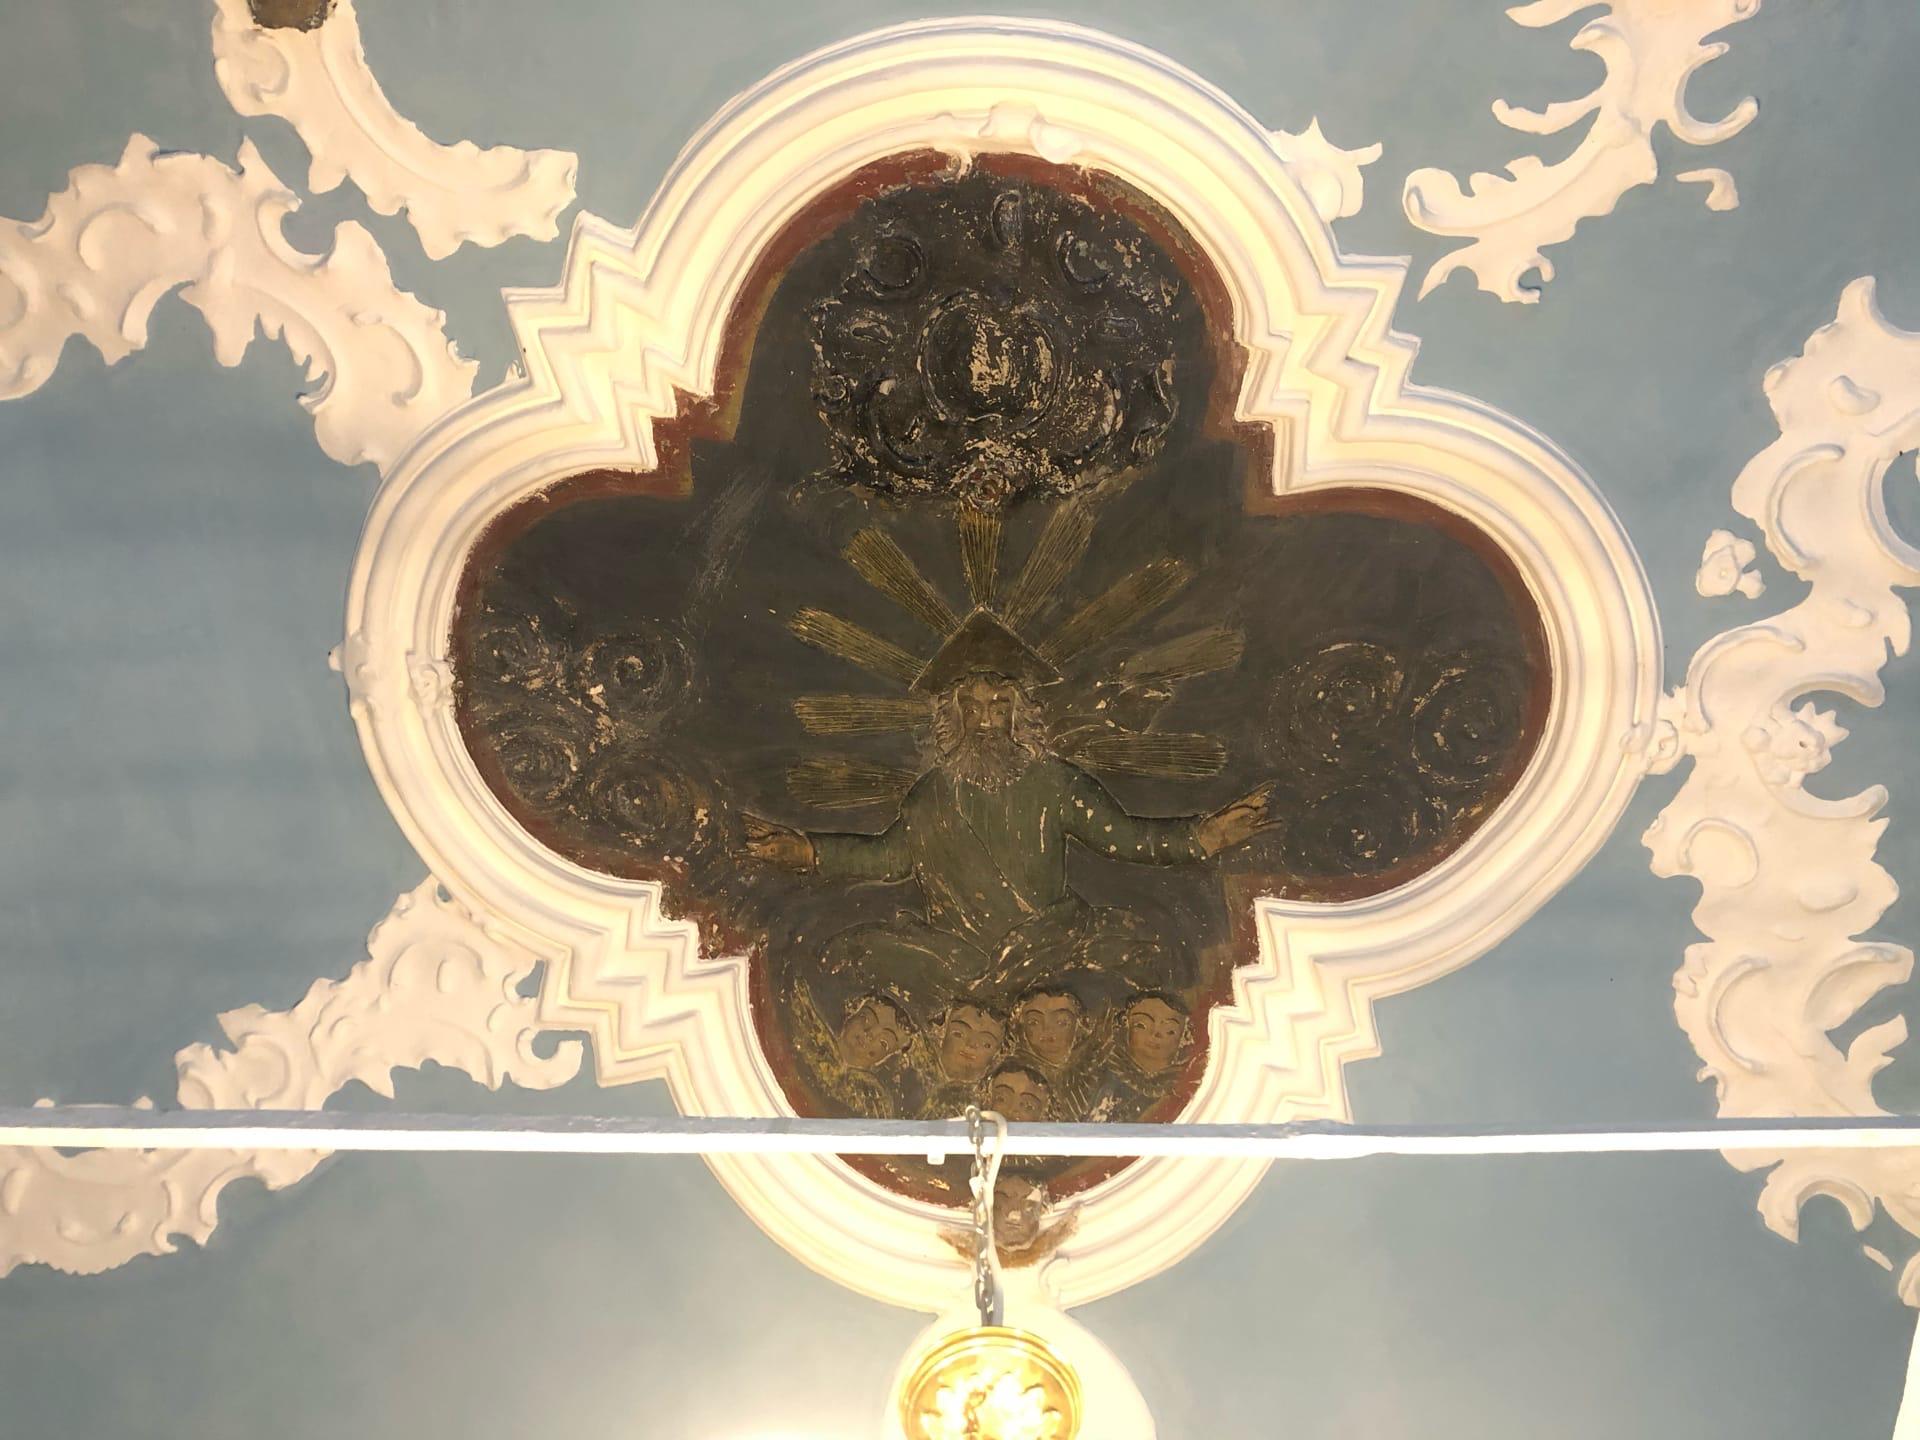 Журналист Tverlife.ru сделал фотографии уникальных реставрационных работ в храме Тверской области